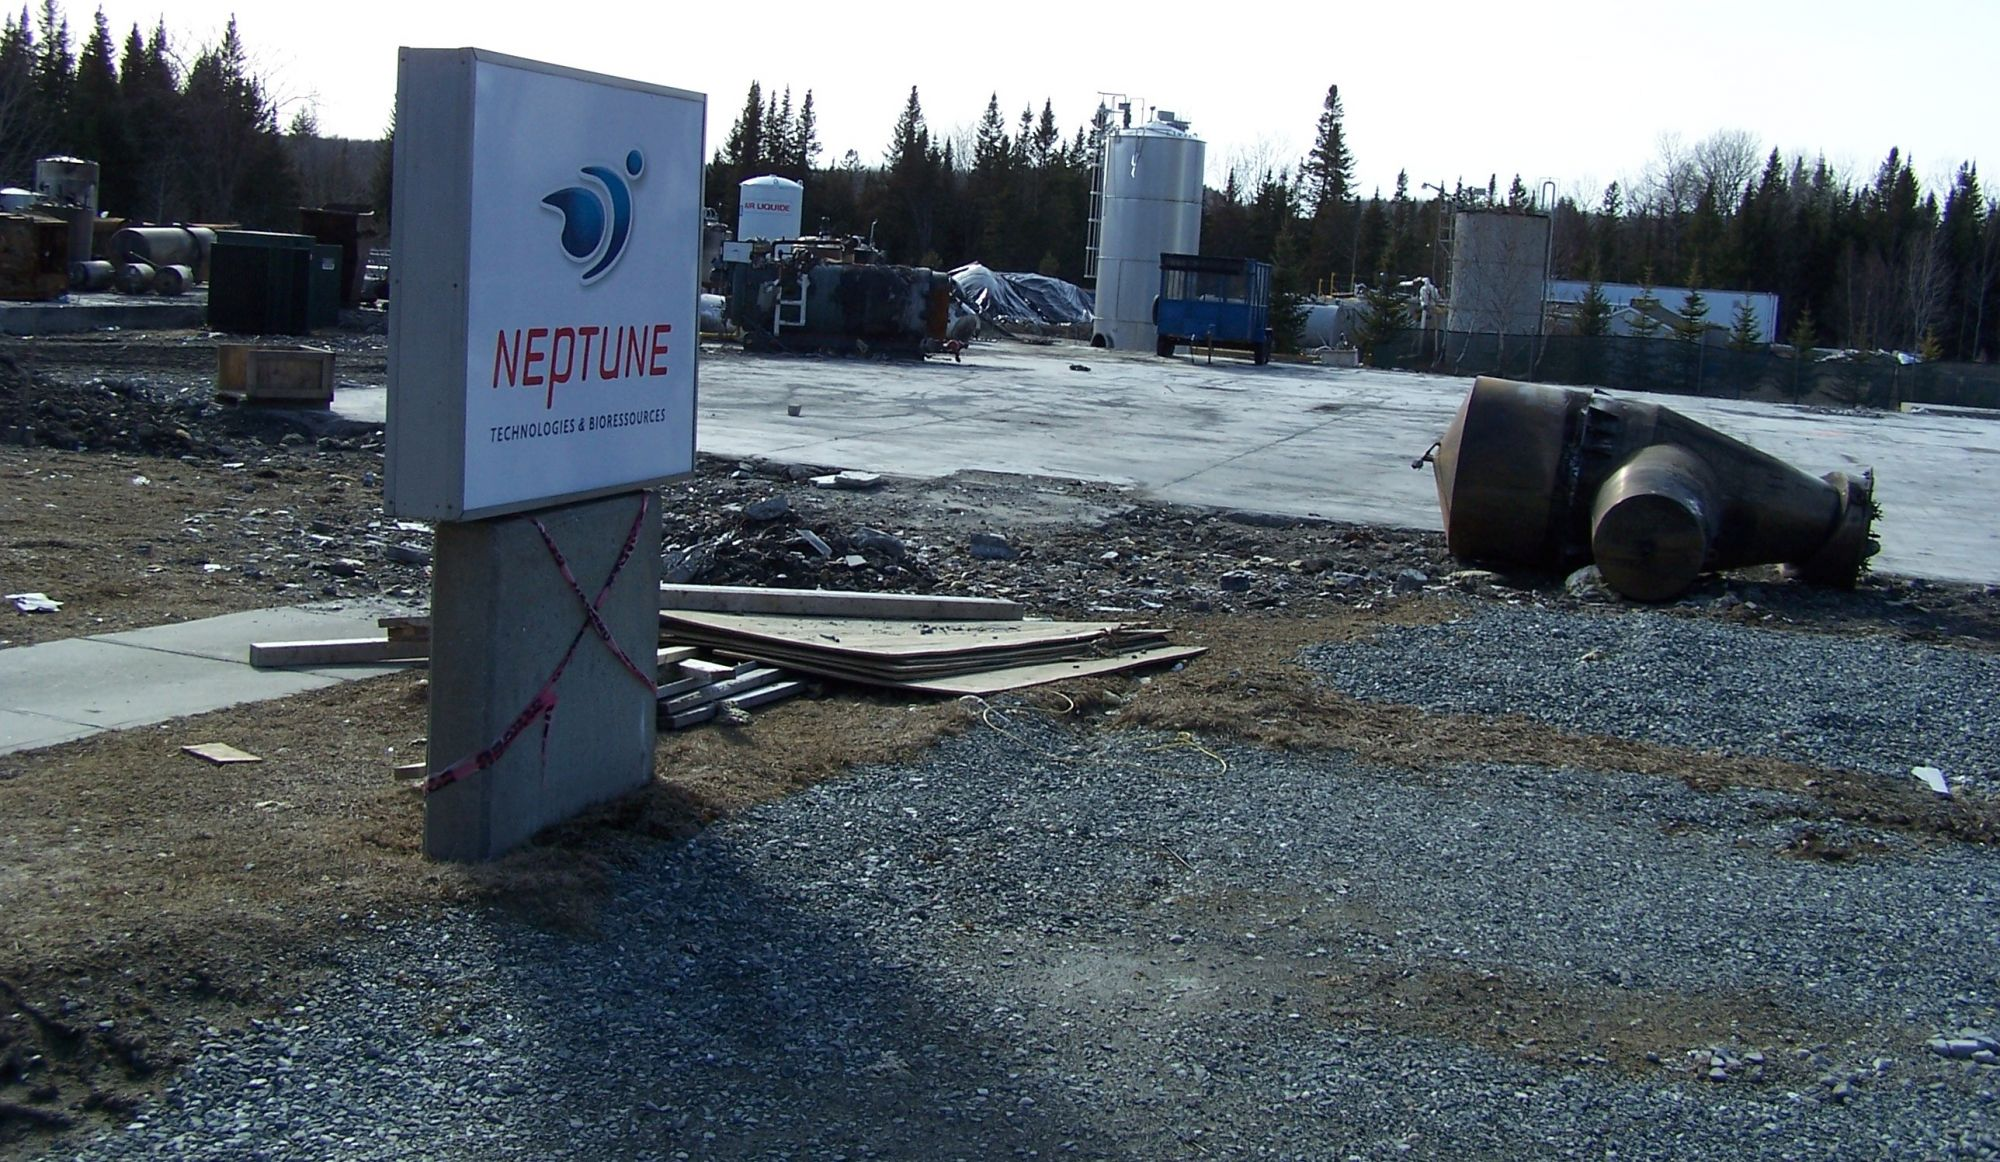 Neptune veut conquérir le marché de la santé animale